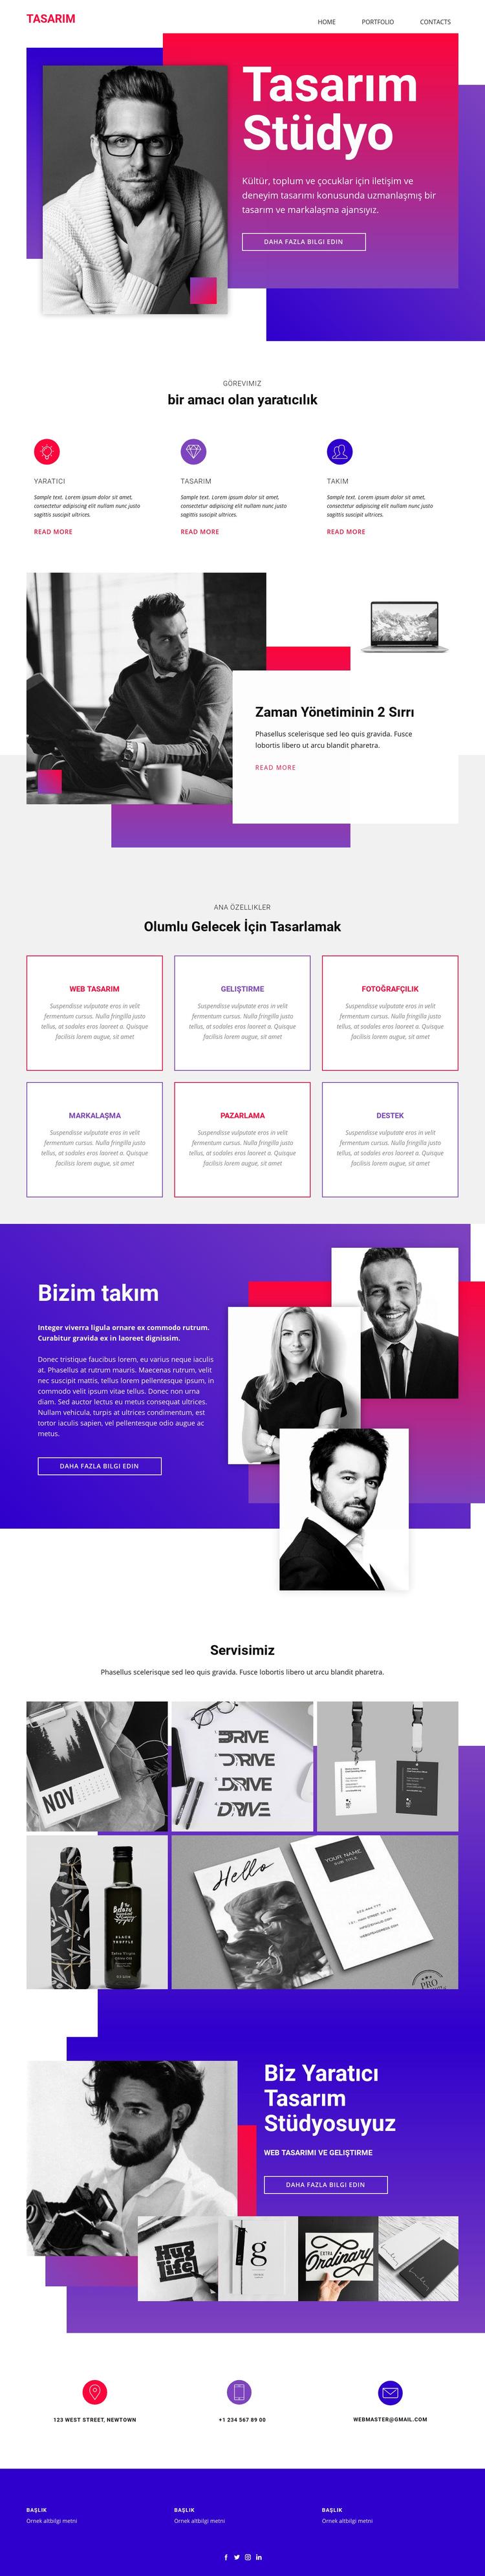 Zaman web tasarım sanatı Web Sitesi Şablonu